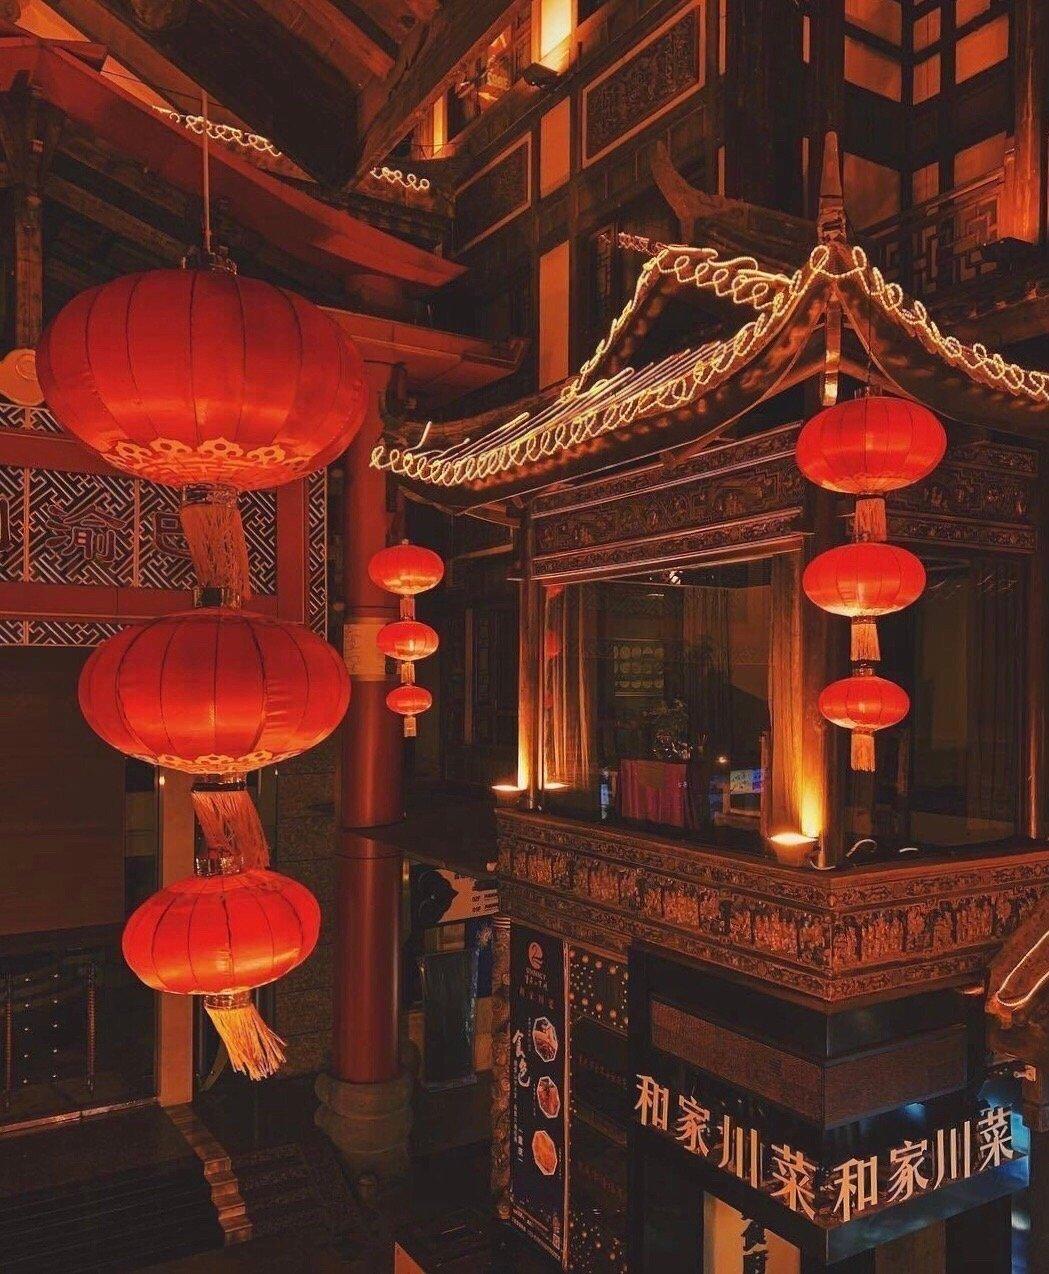 重庆夜景,山水交融,漫天灯火